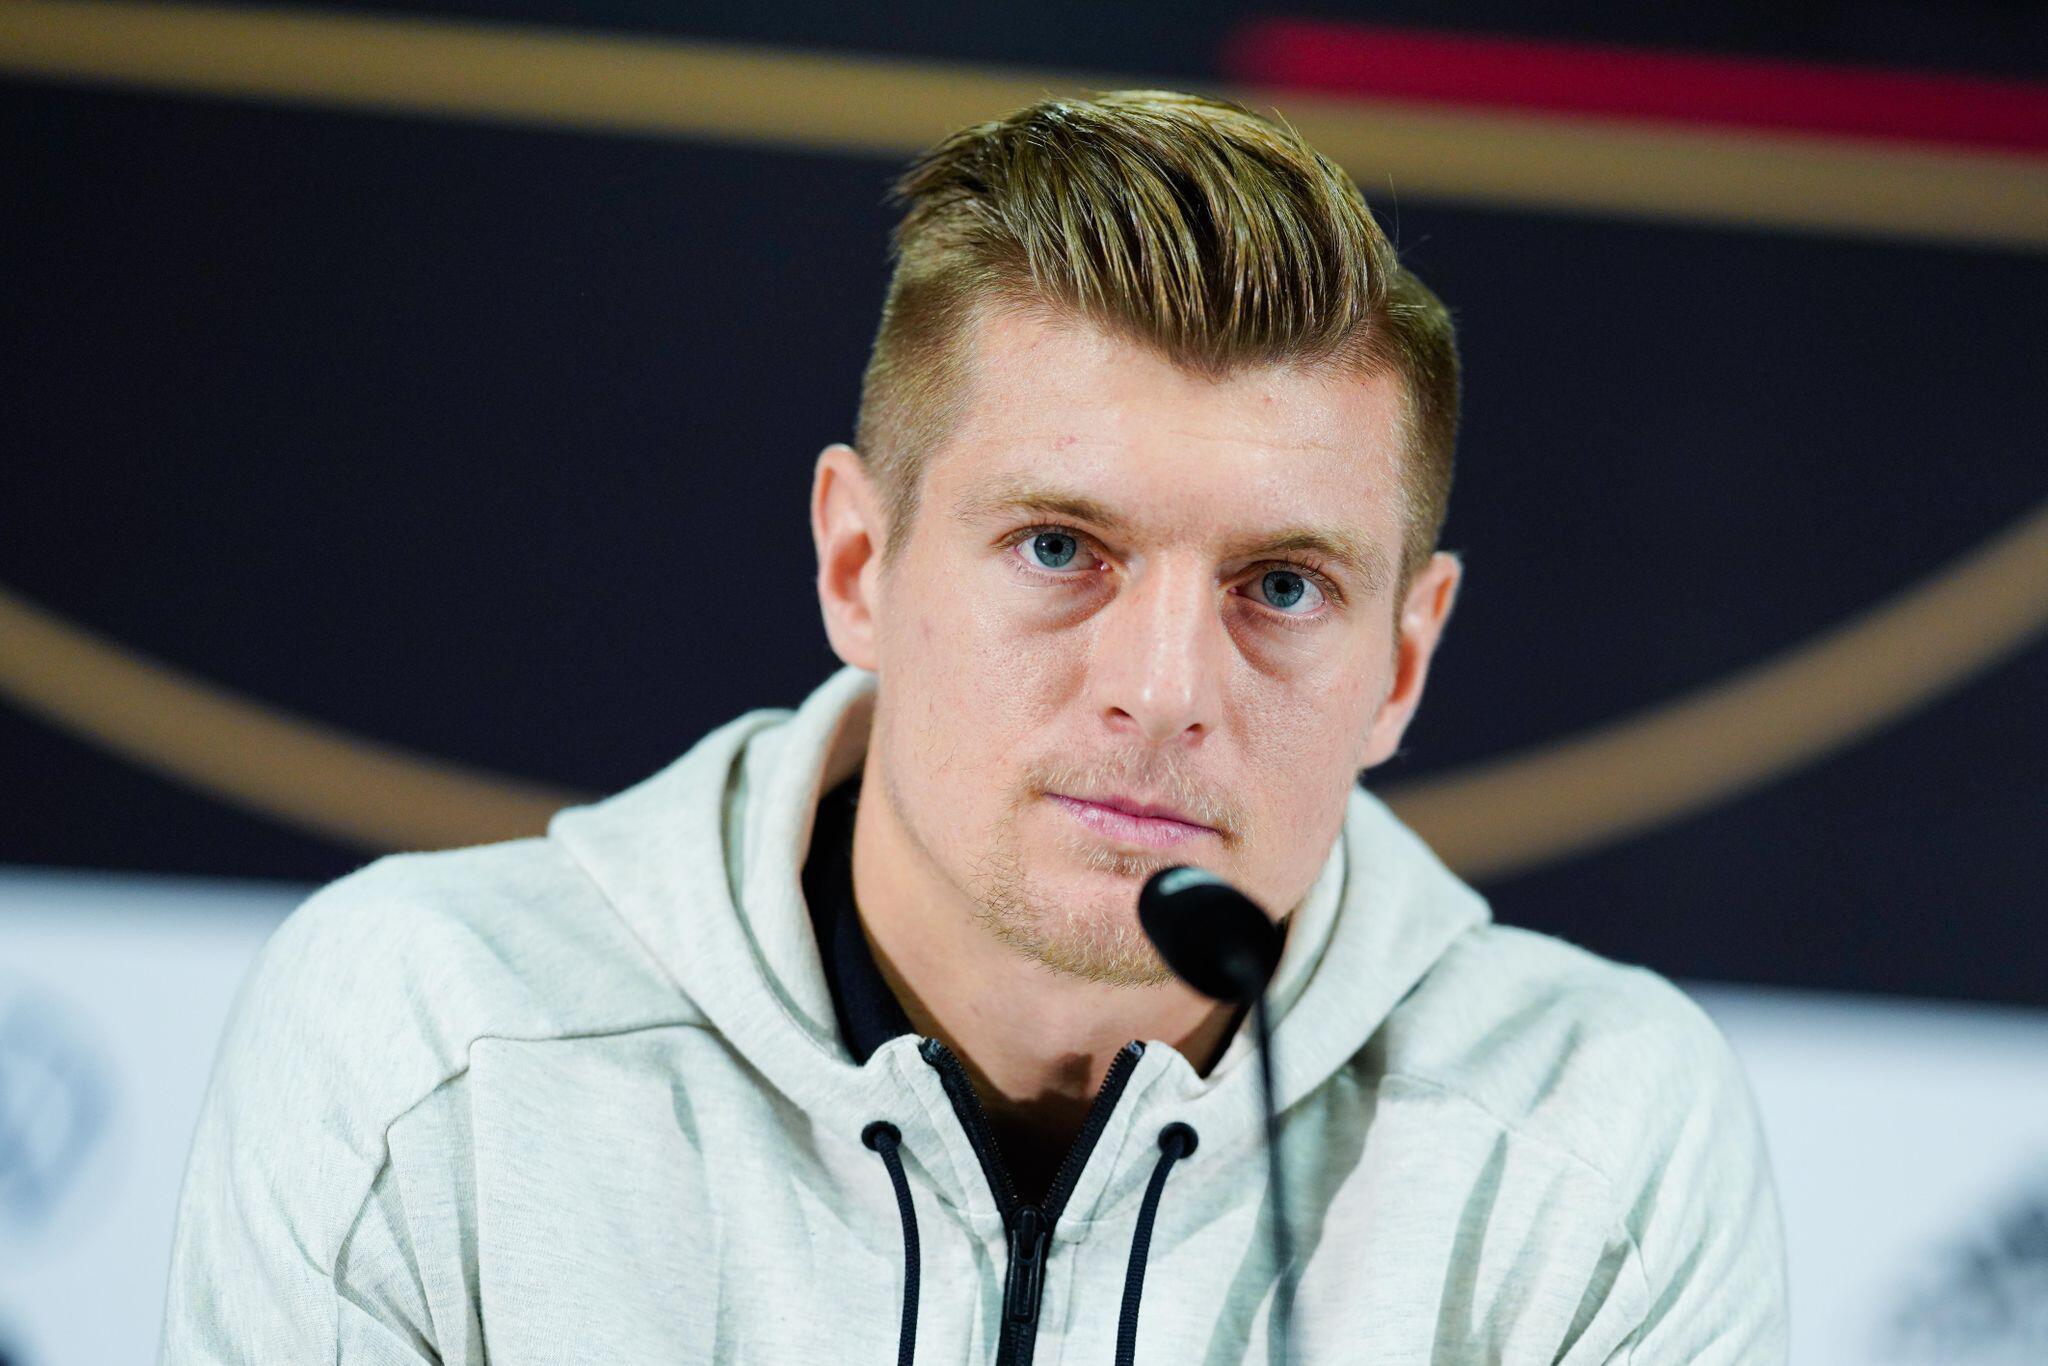 Bild zu Fußball-Nationalspieler Toni Kroos